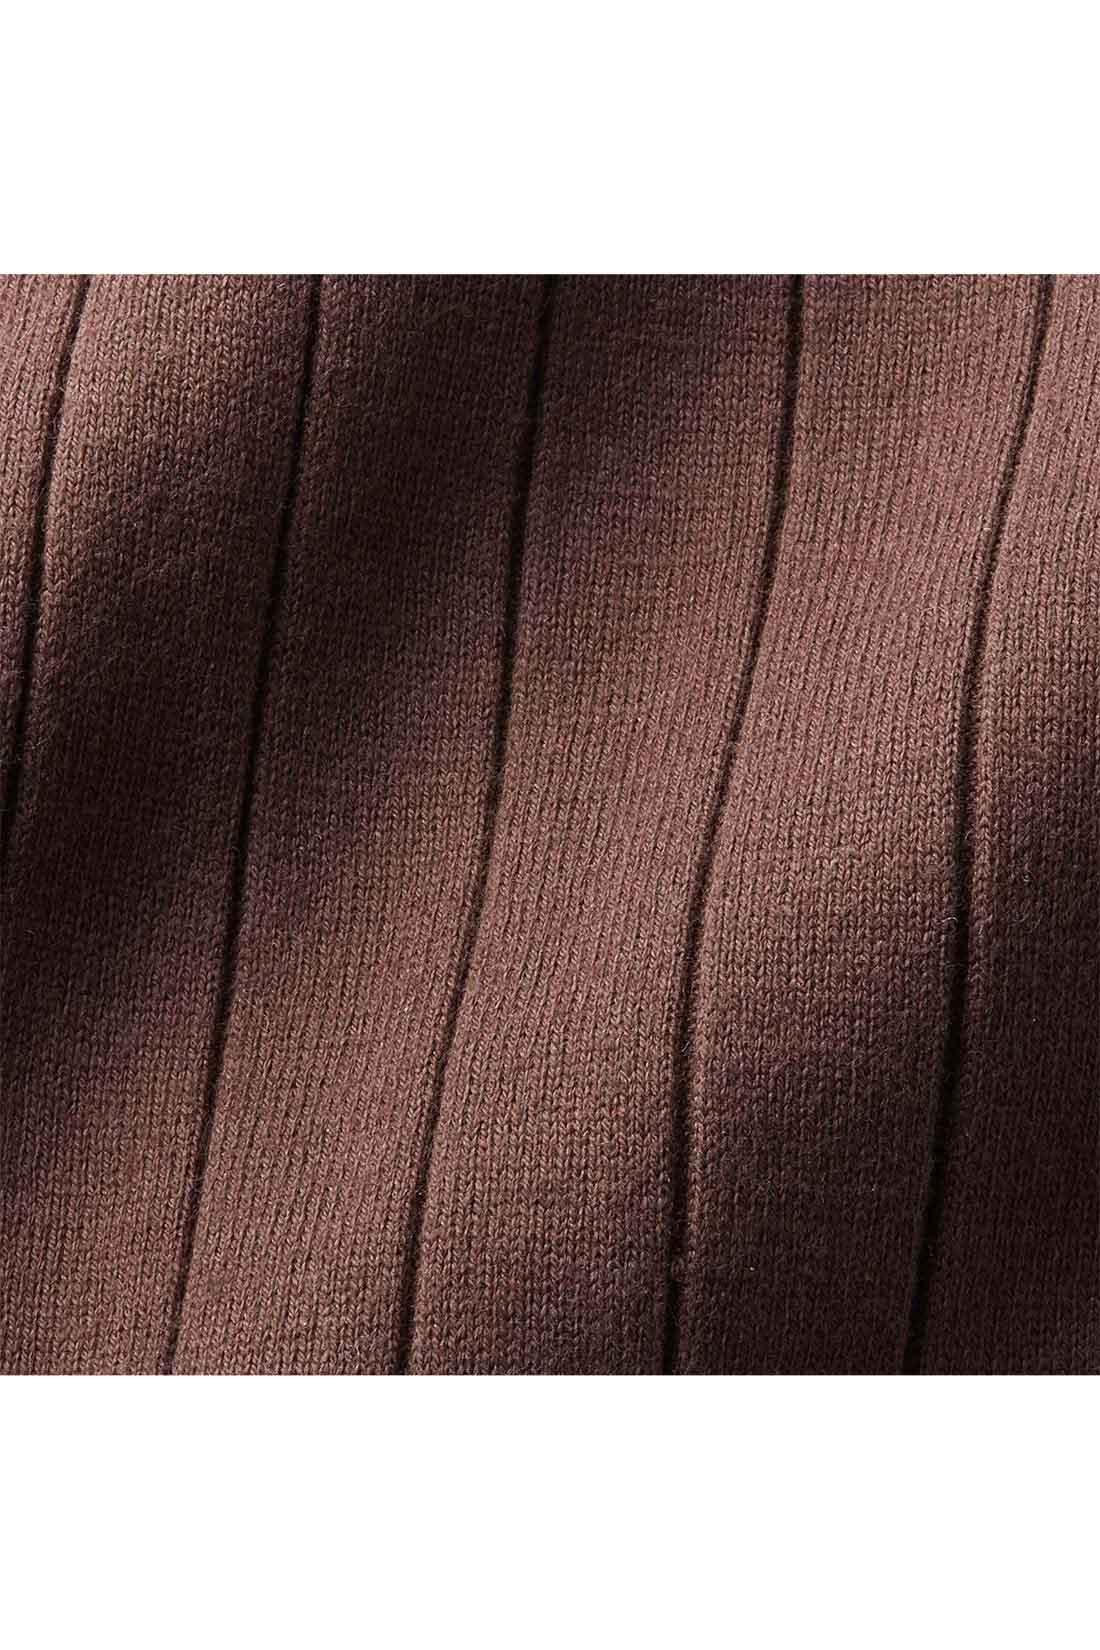 ニットライクなワイドリブカットソー。 縦目線の細見え効果と適度なフイット感できれいなボディーラインを演出。適度な張りと厚みのある、しなやかな肌当たりの綿混素材。 ※お届けするカラーとは異なります。